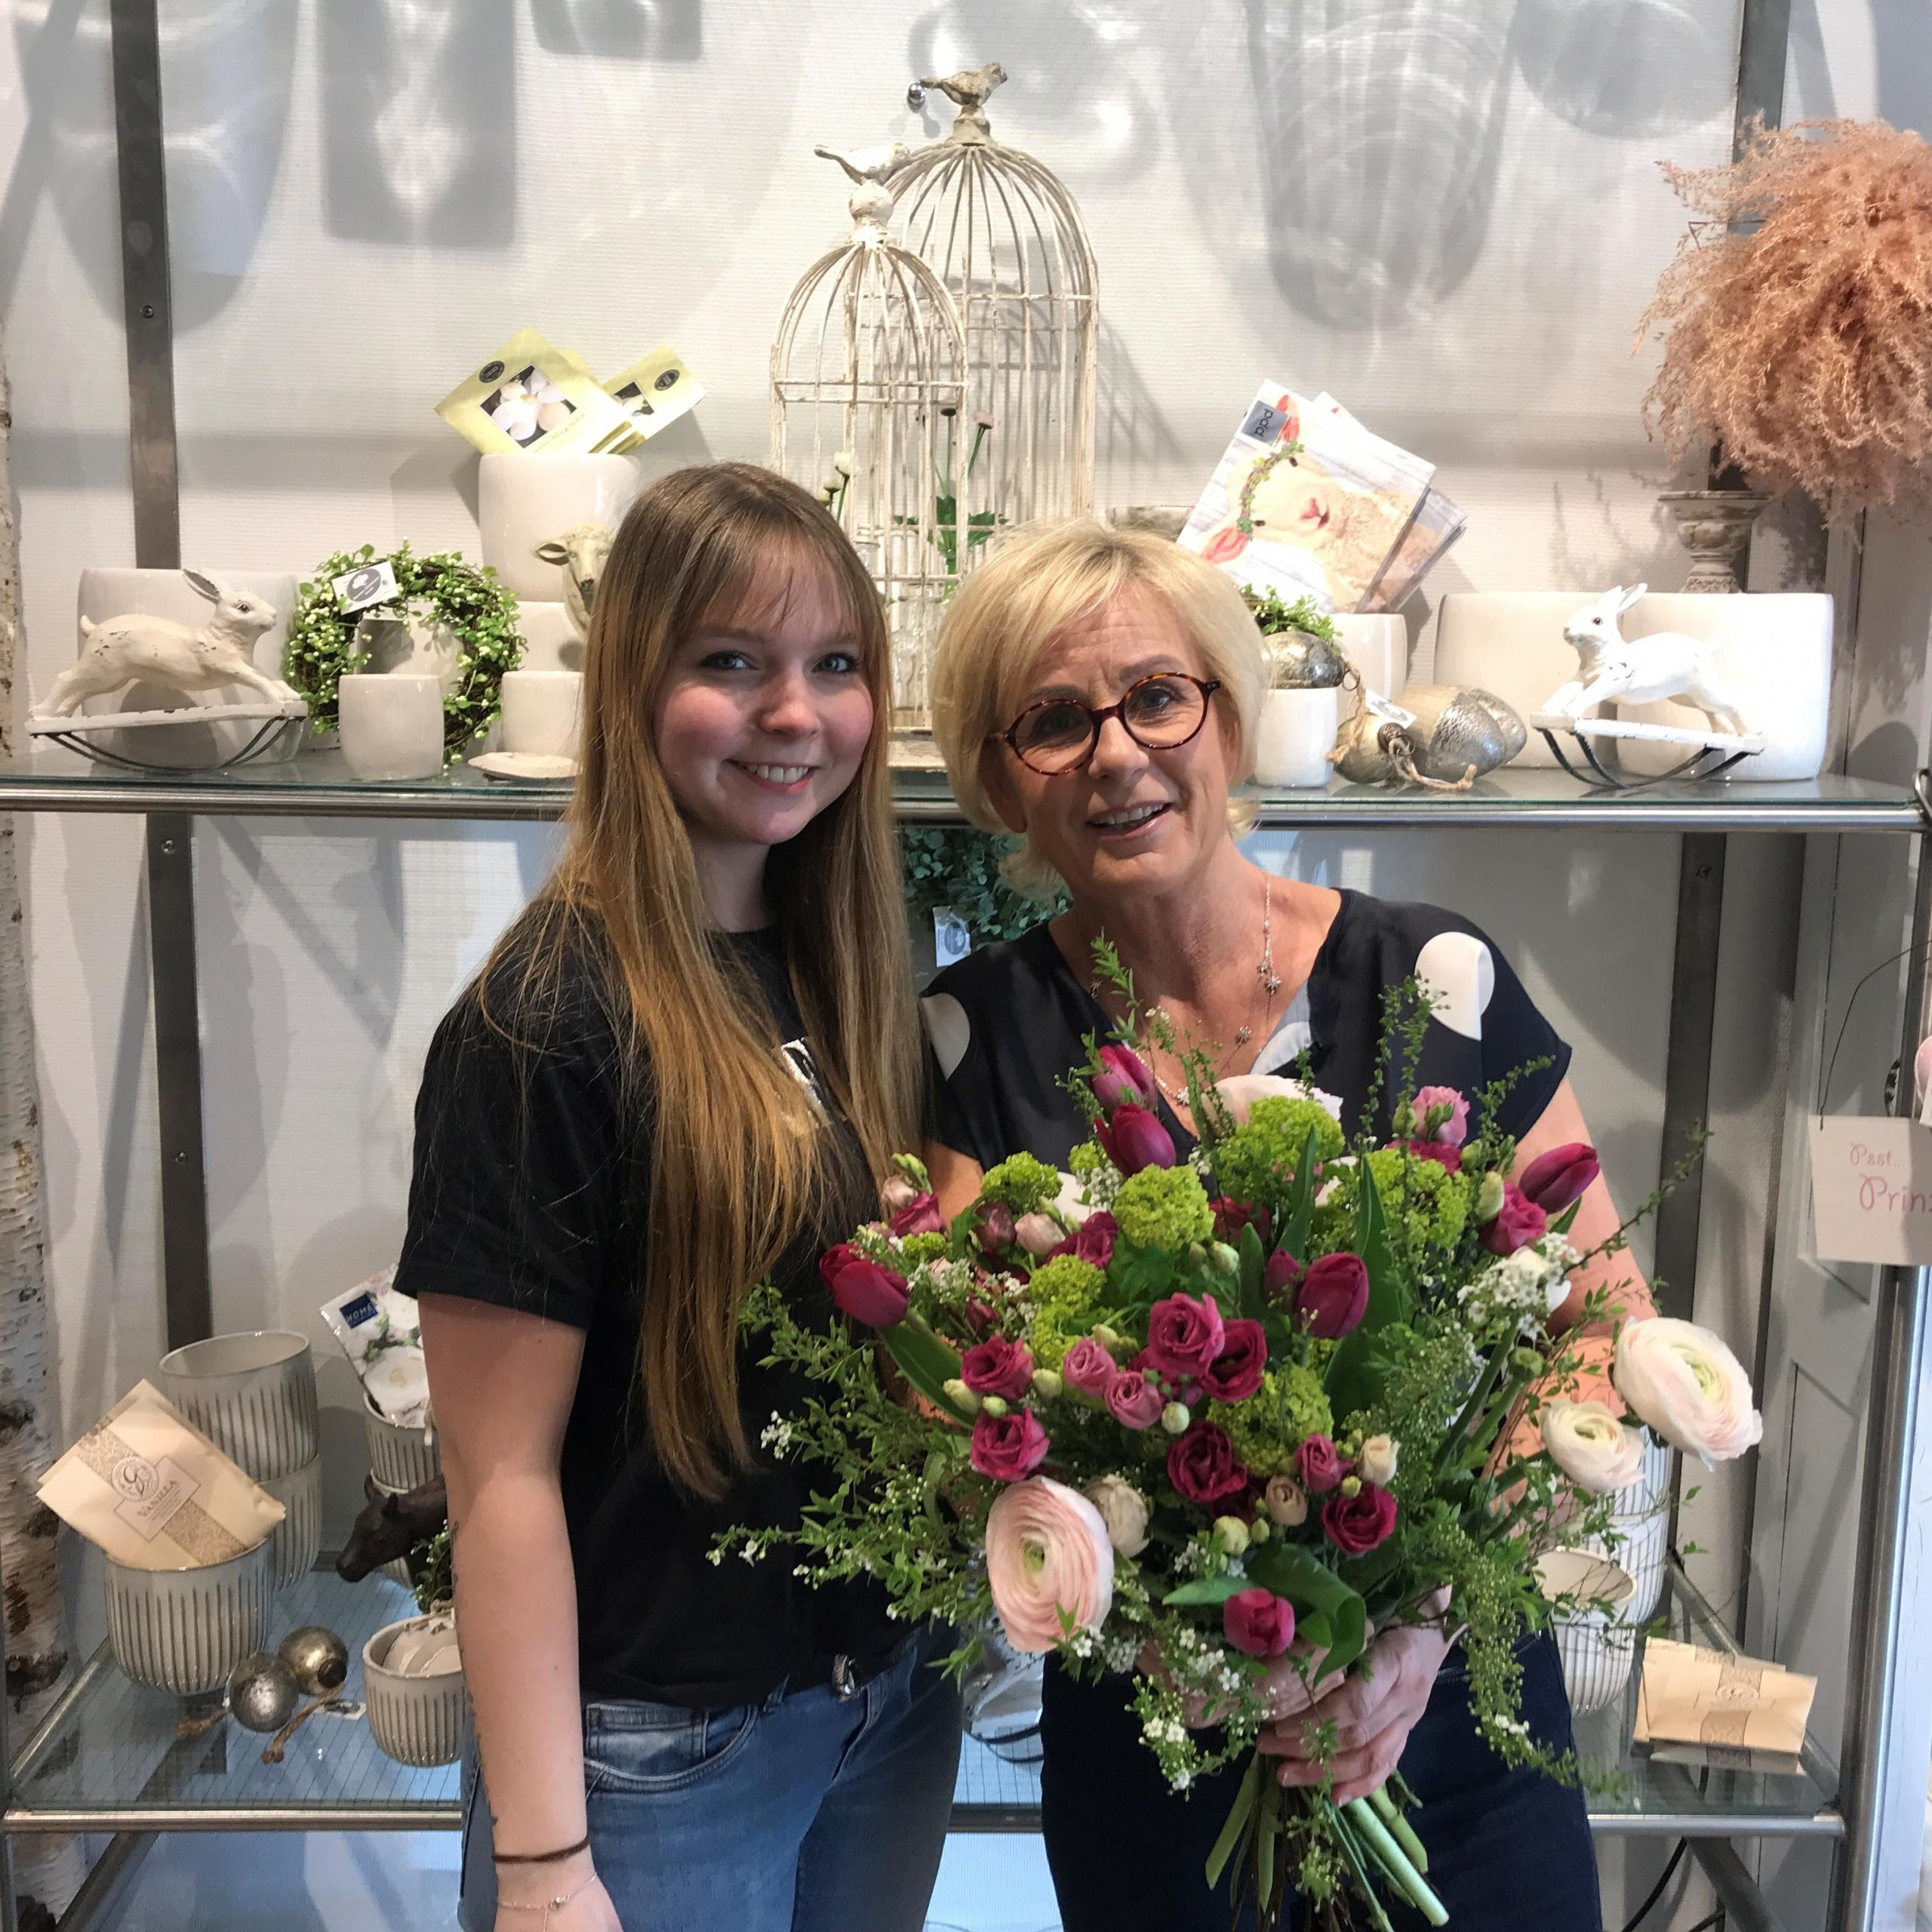 Mein-Wedel-Blumen-Jüttemeier-Sabine-Pröve